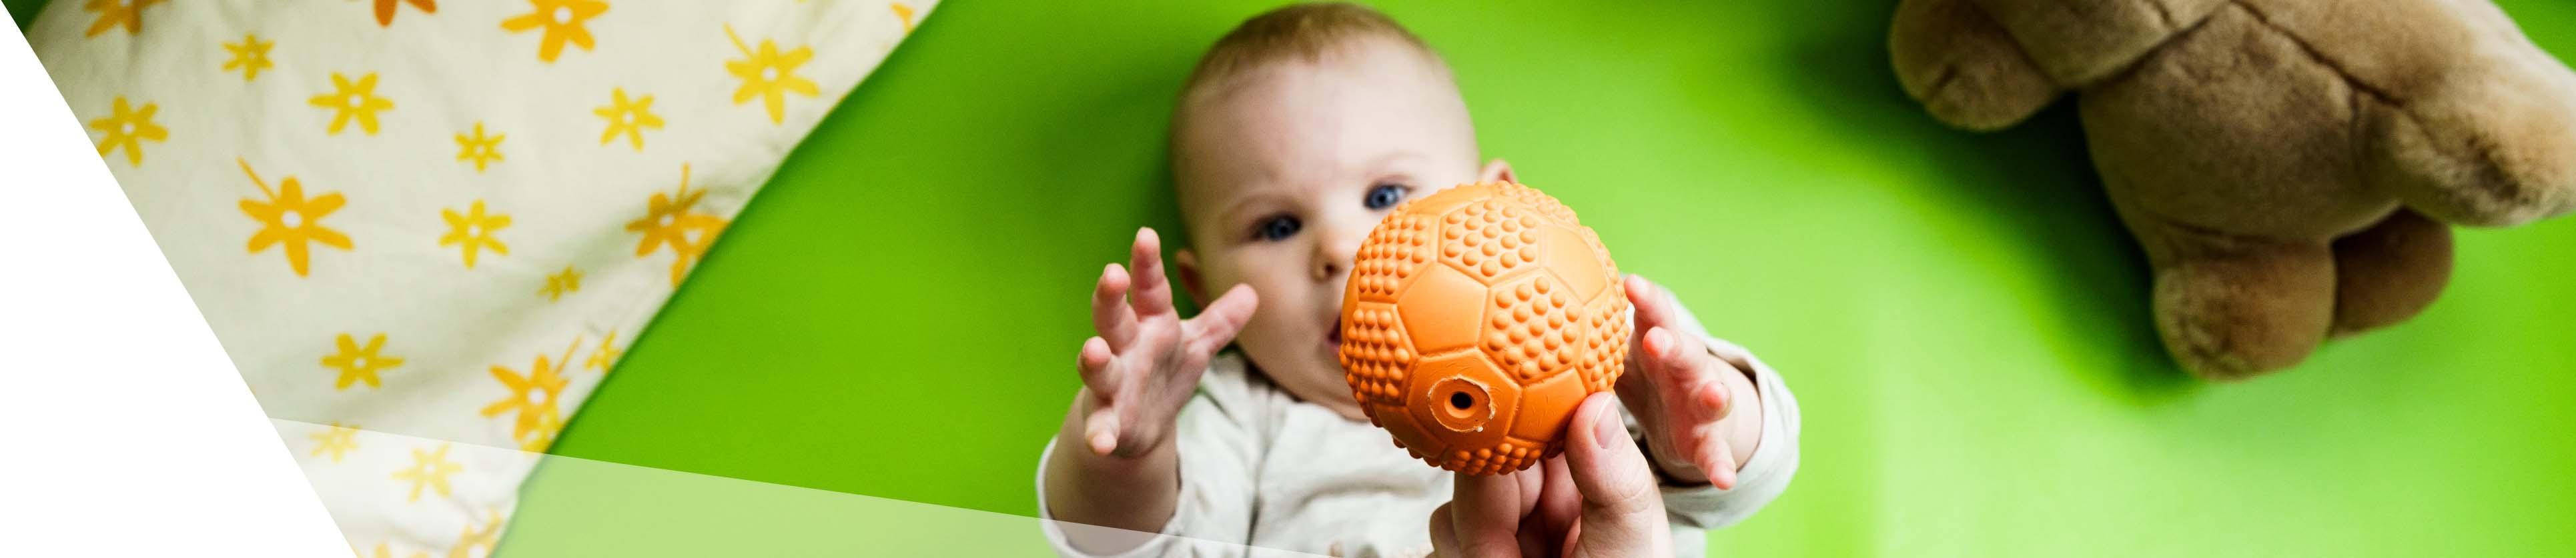 Banner Baby mit Ball